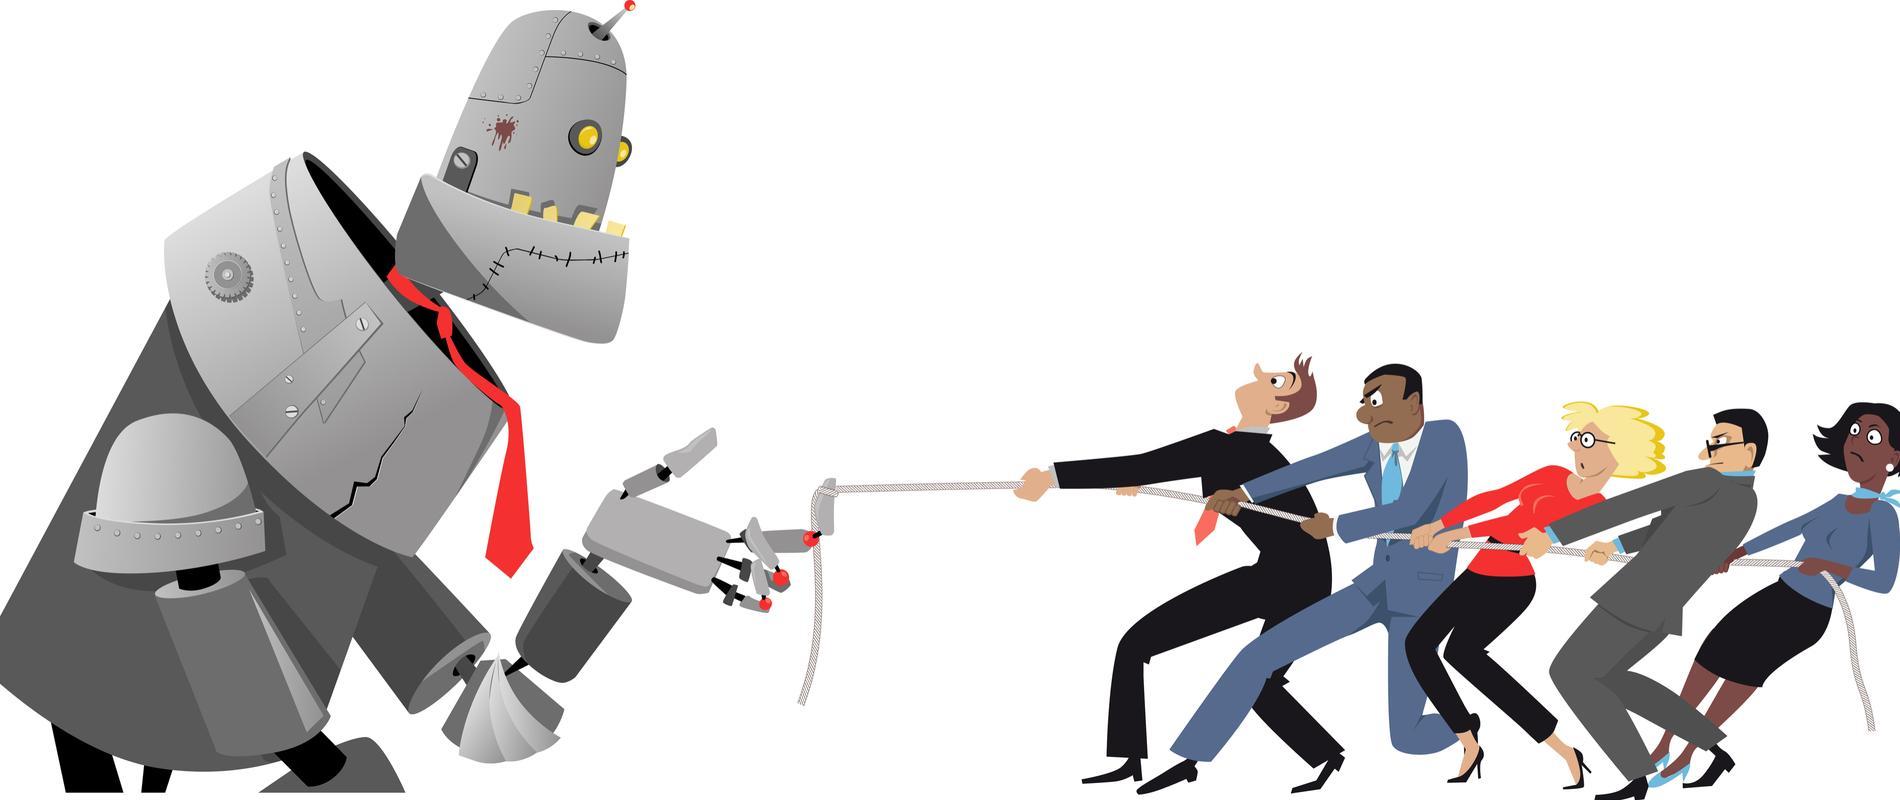 robot AI resource recurso tecnología